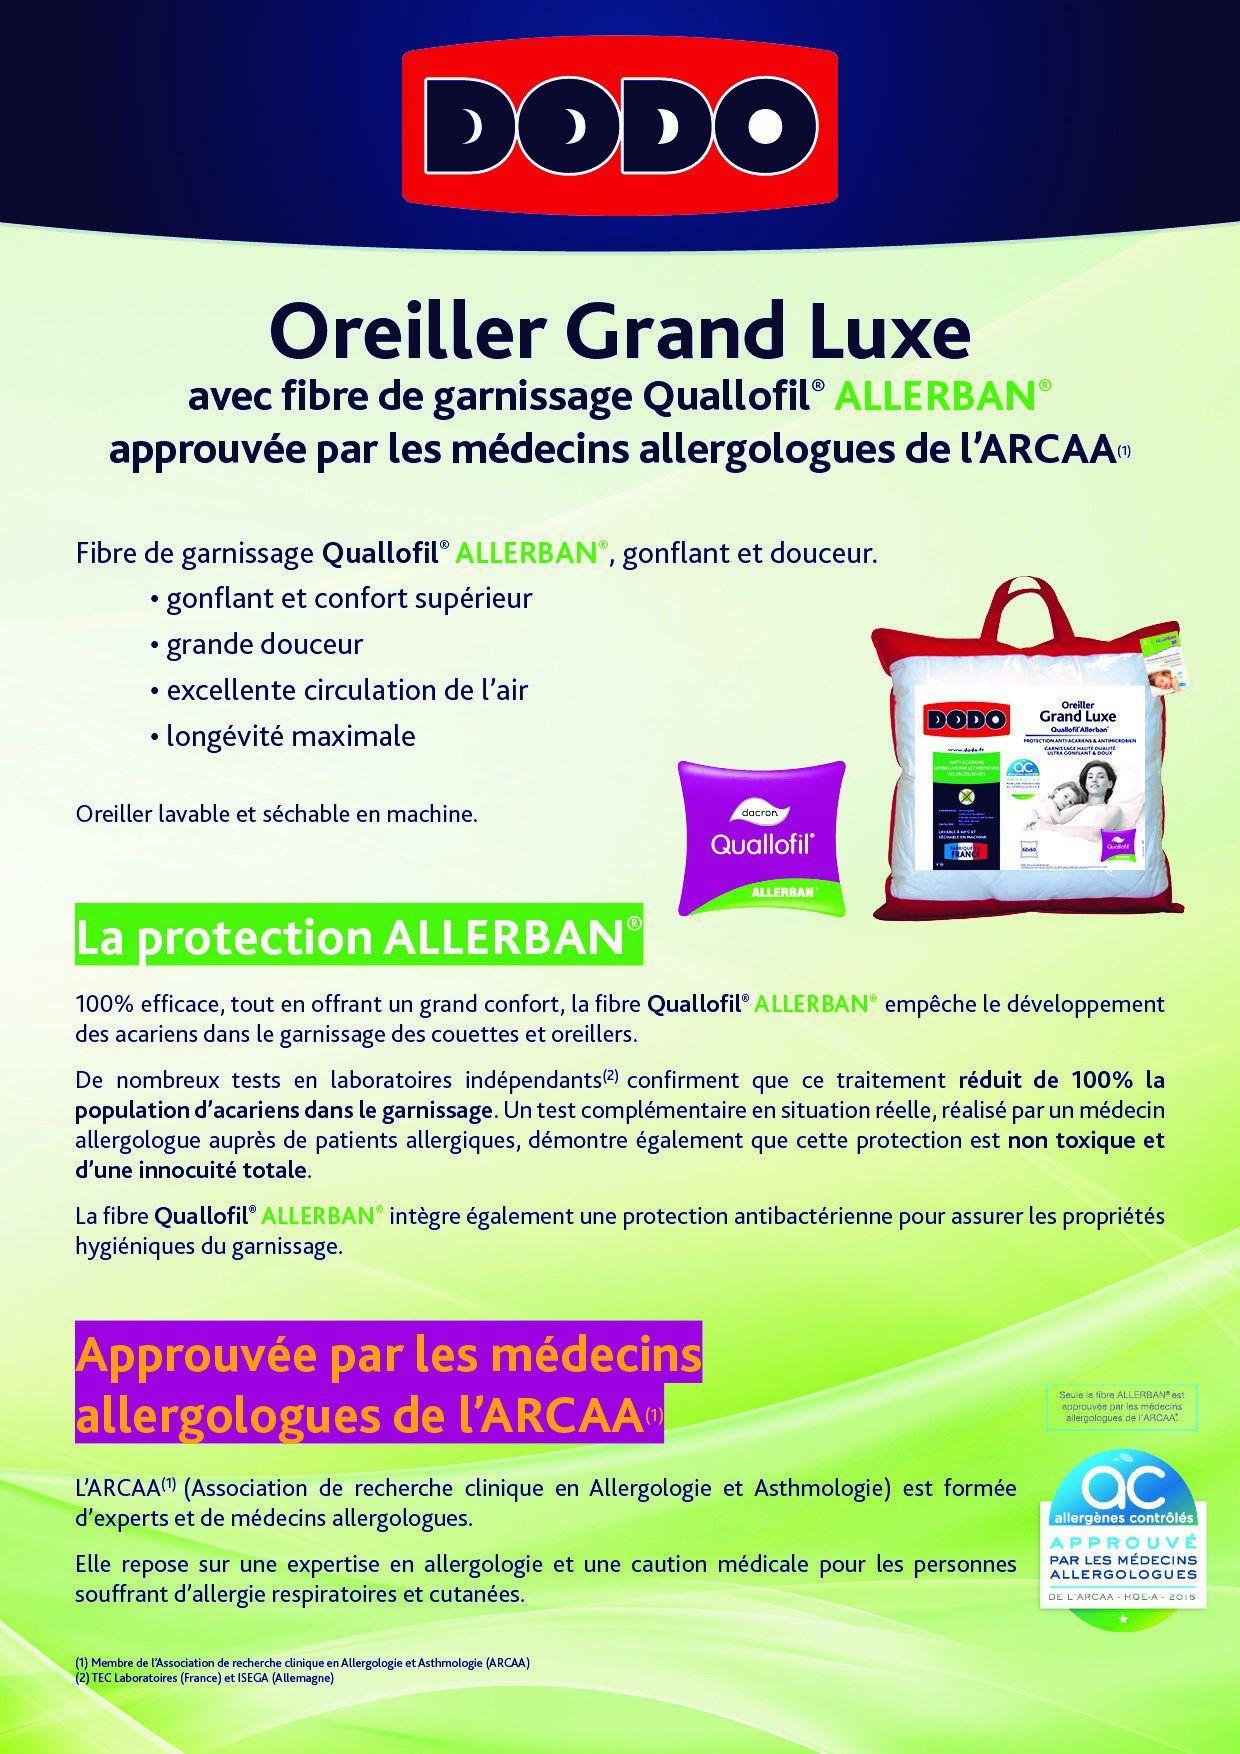 Dodo Oreiller Grand Luxe Quallofil Allerban 60x60 Cm Blanc Achat